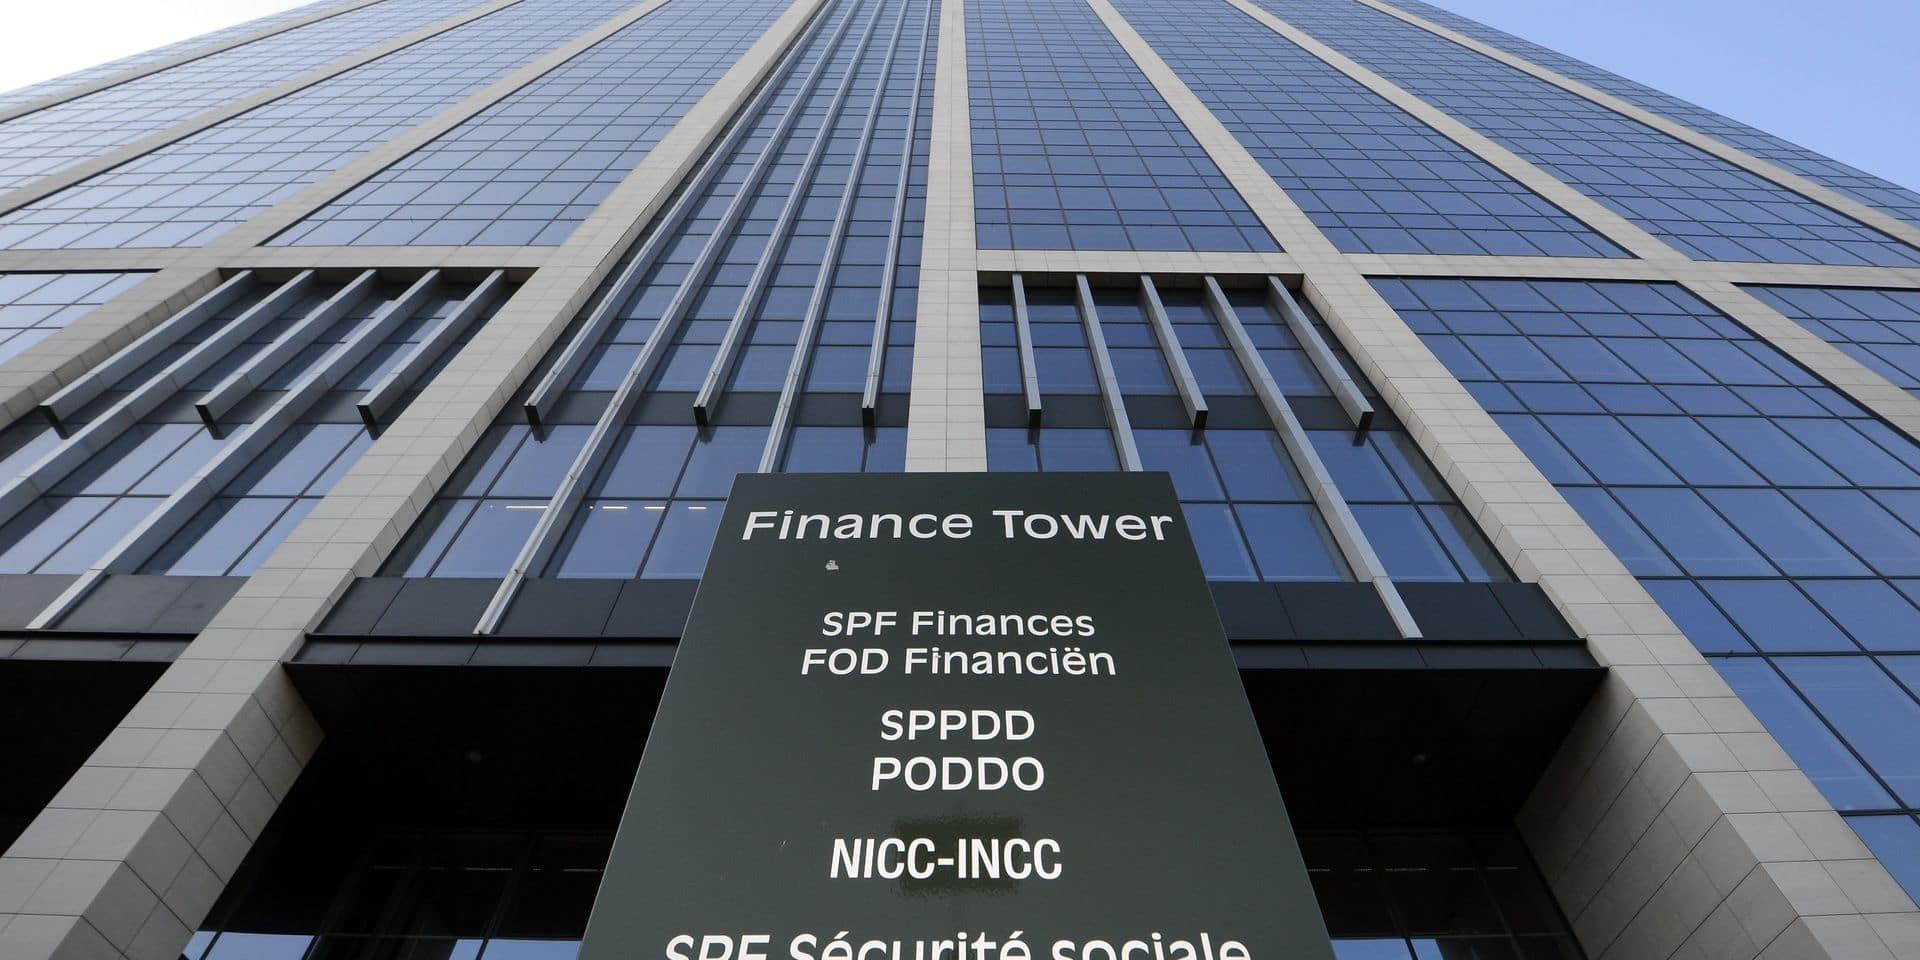 Le SPF Finances va recruter 1300 personnes